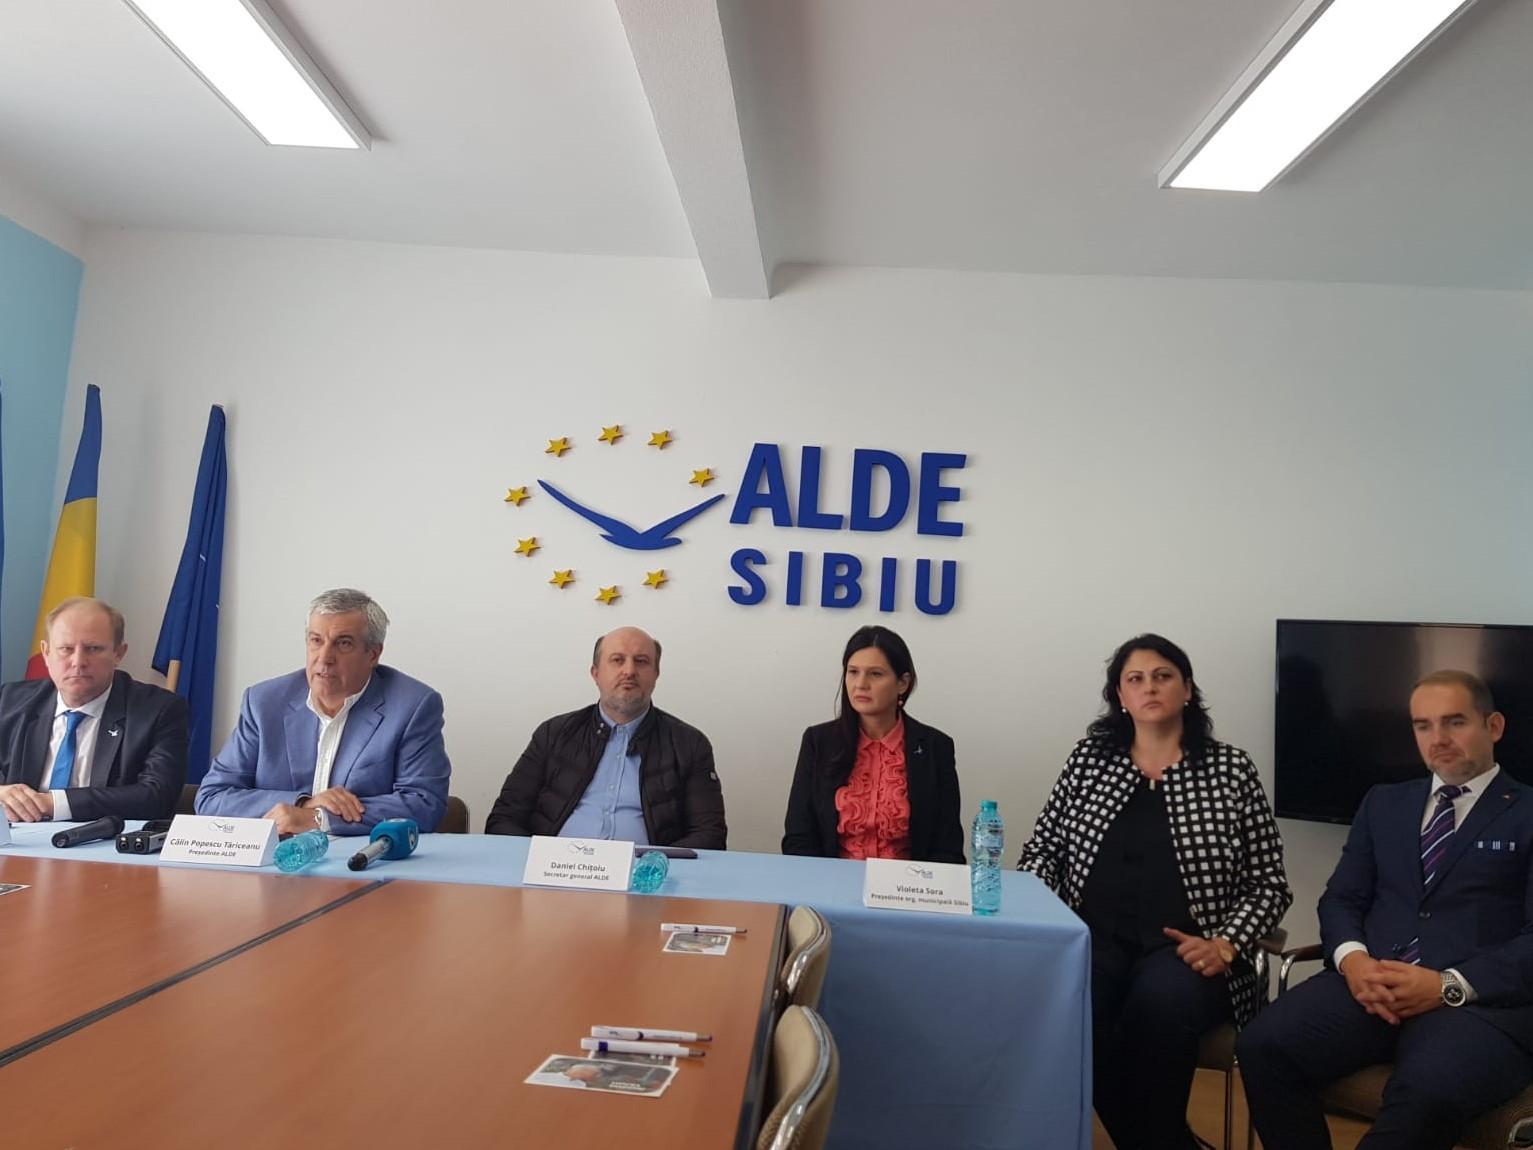 Tăriceanu a prezentat la Sibiu noi membrii ALDE: Adela Muntean și Horațiu Marin